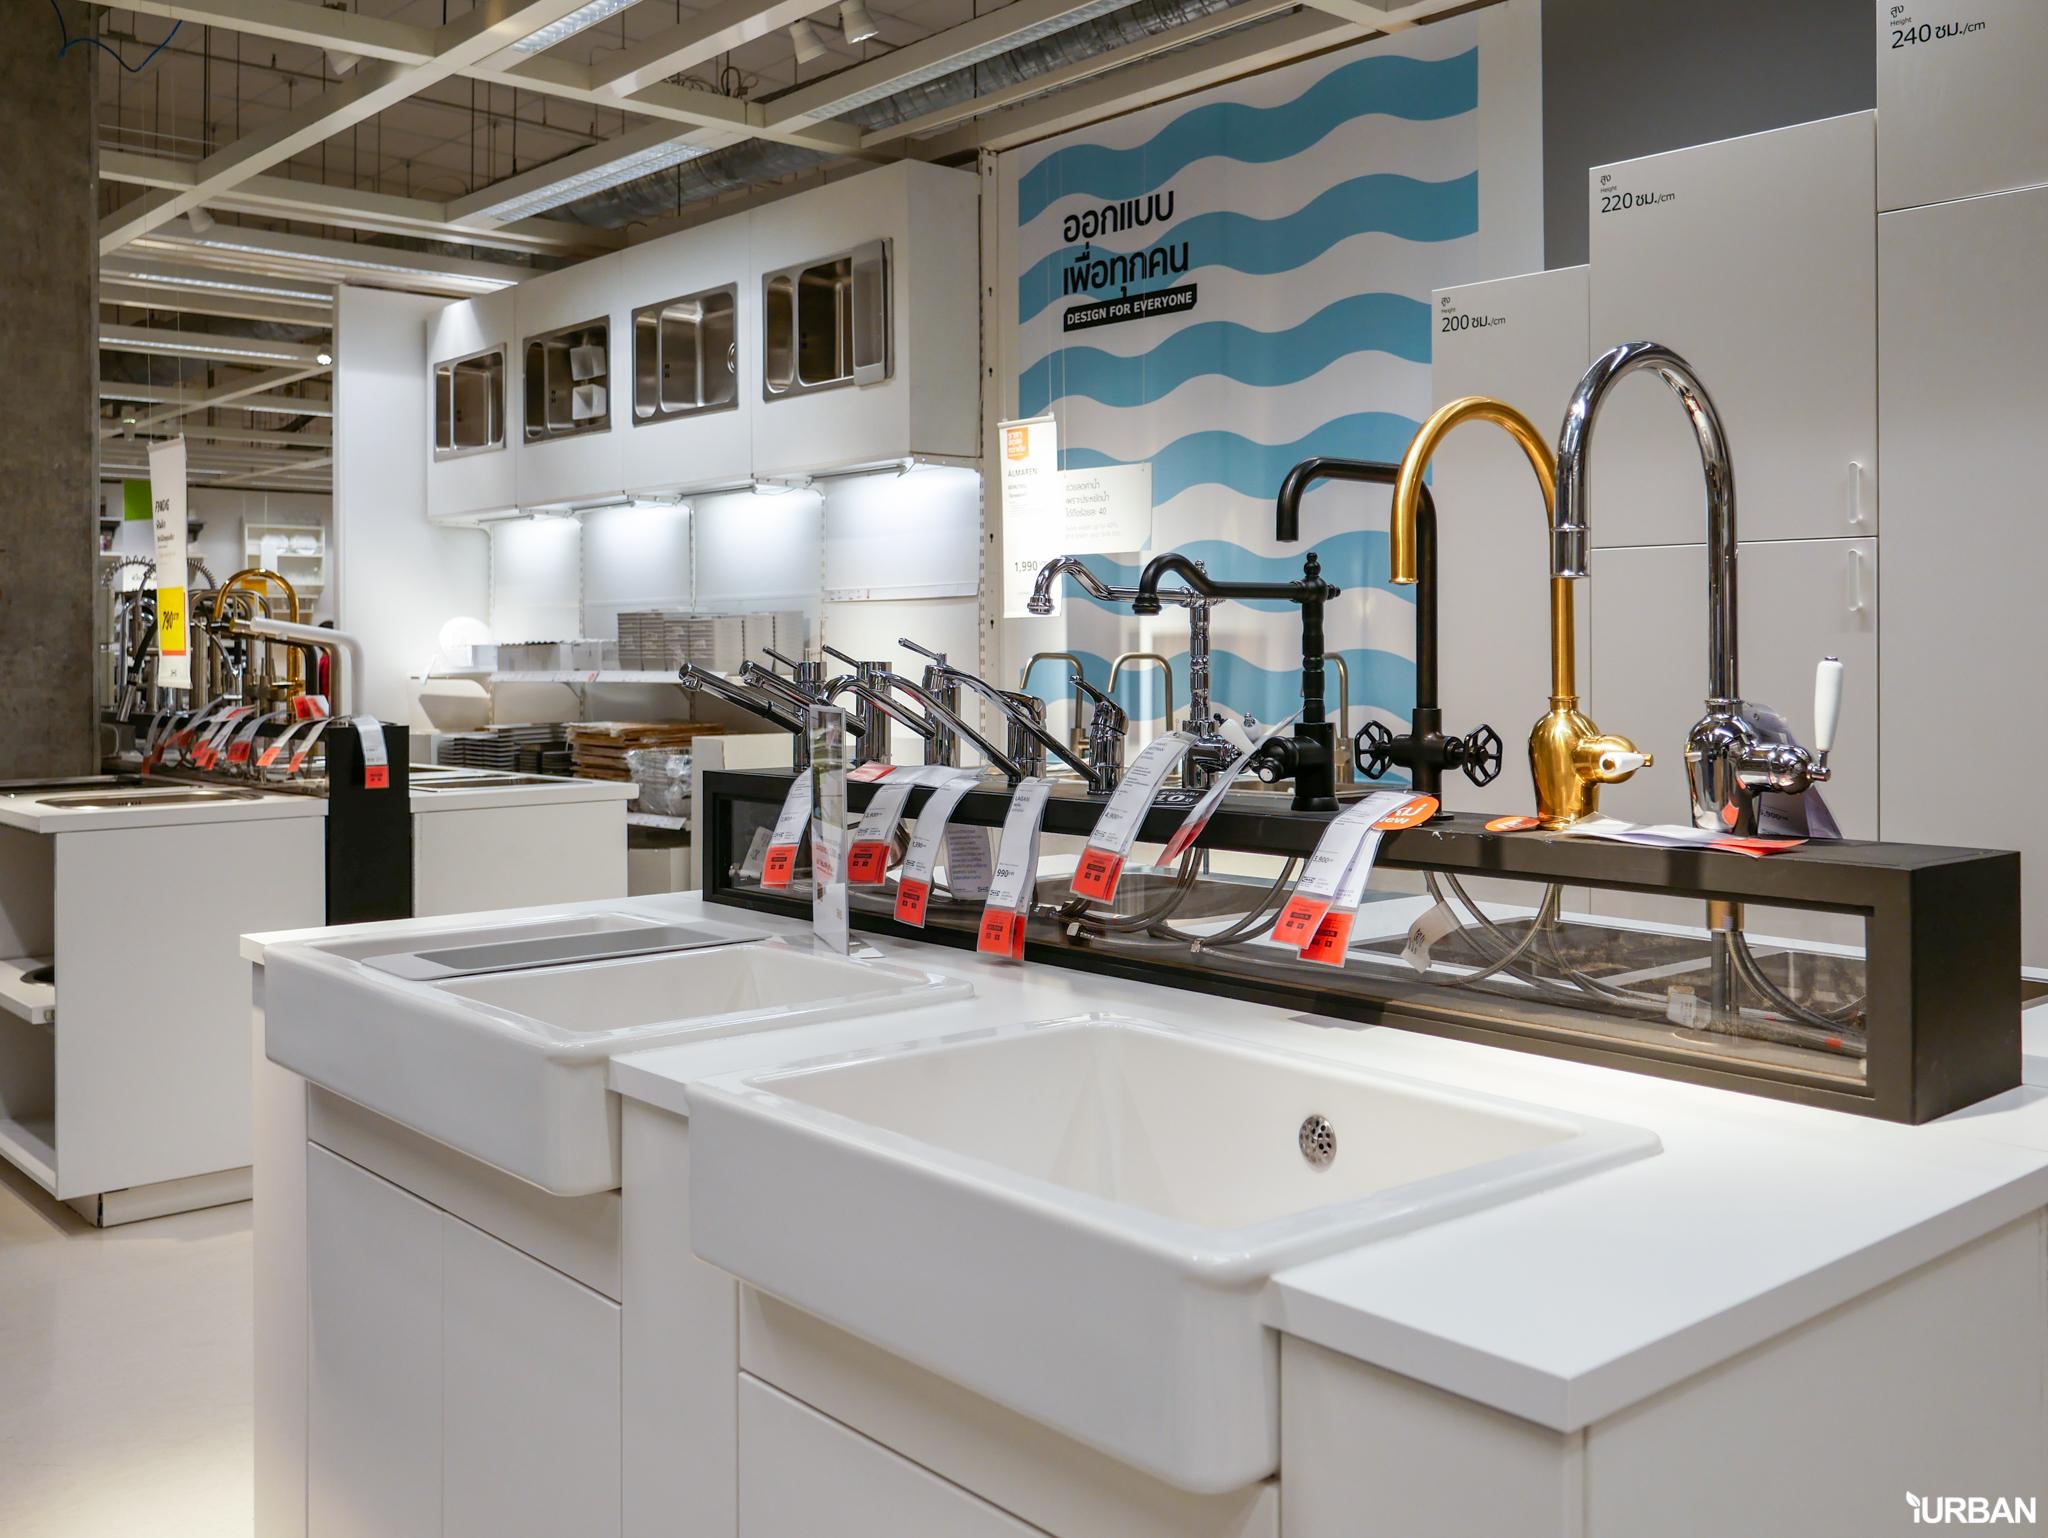 9 เหตุผลที่คนเลือกชุดครัวอิเกีย และโอกาสที่จะมีครัวในฝัน IKEA METOD/เมท็อด โปรนี้ดีที่สุดแล้ว #ถึง17มีนา 77 - IKEA (อิเกีย)